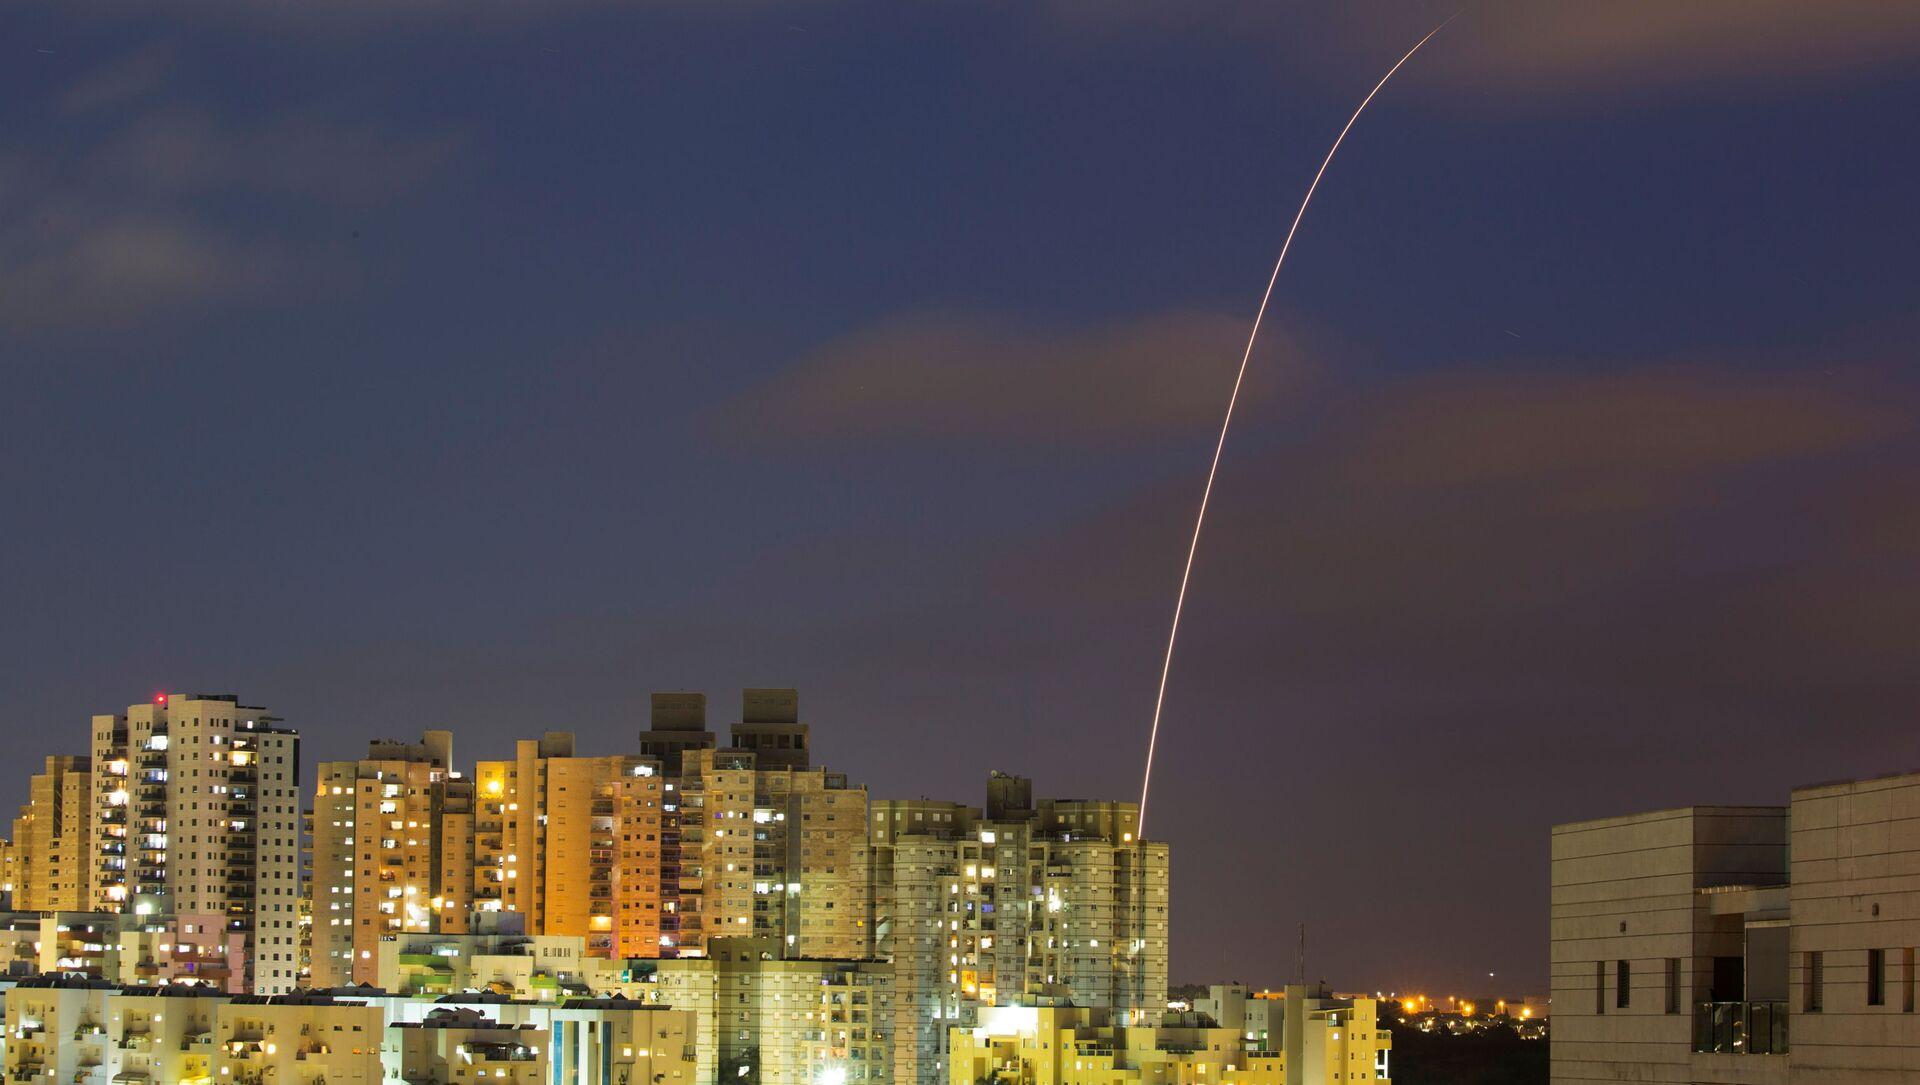 Izraelski system antyrakietowy Żelazna Kopuła próbuje przechwycić pociski wystrzelone ze Strefy Gazy w kierunku Izraela - Sputnik Polska, 1920, 16.05.2021